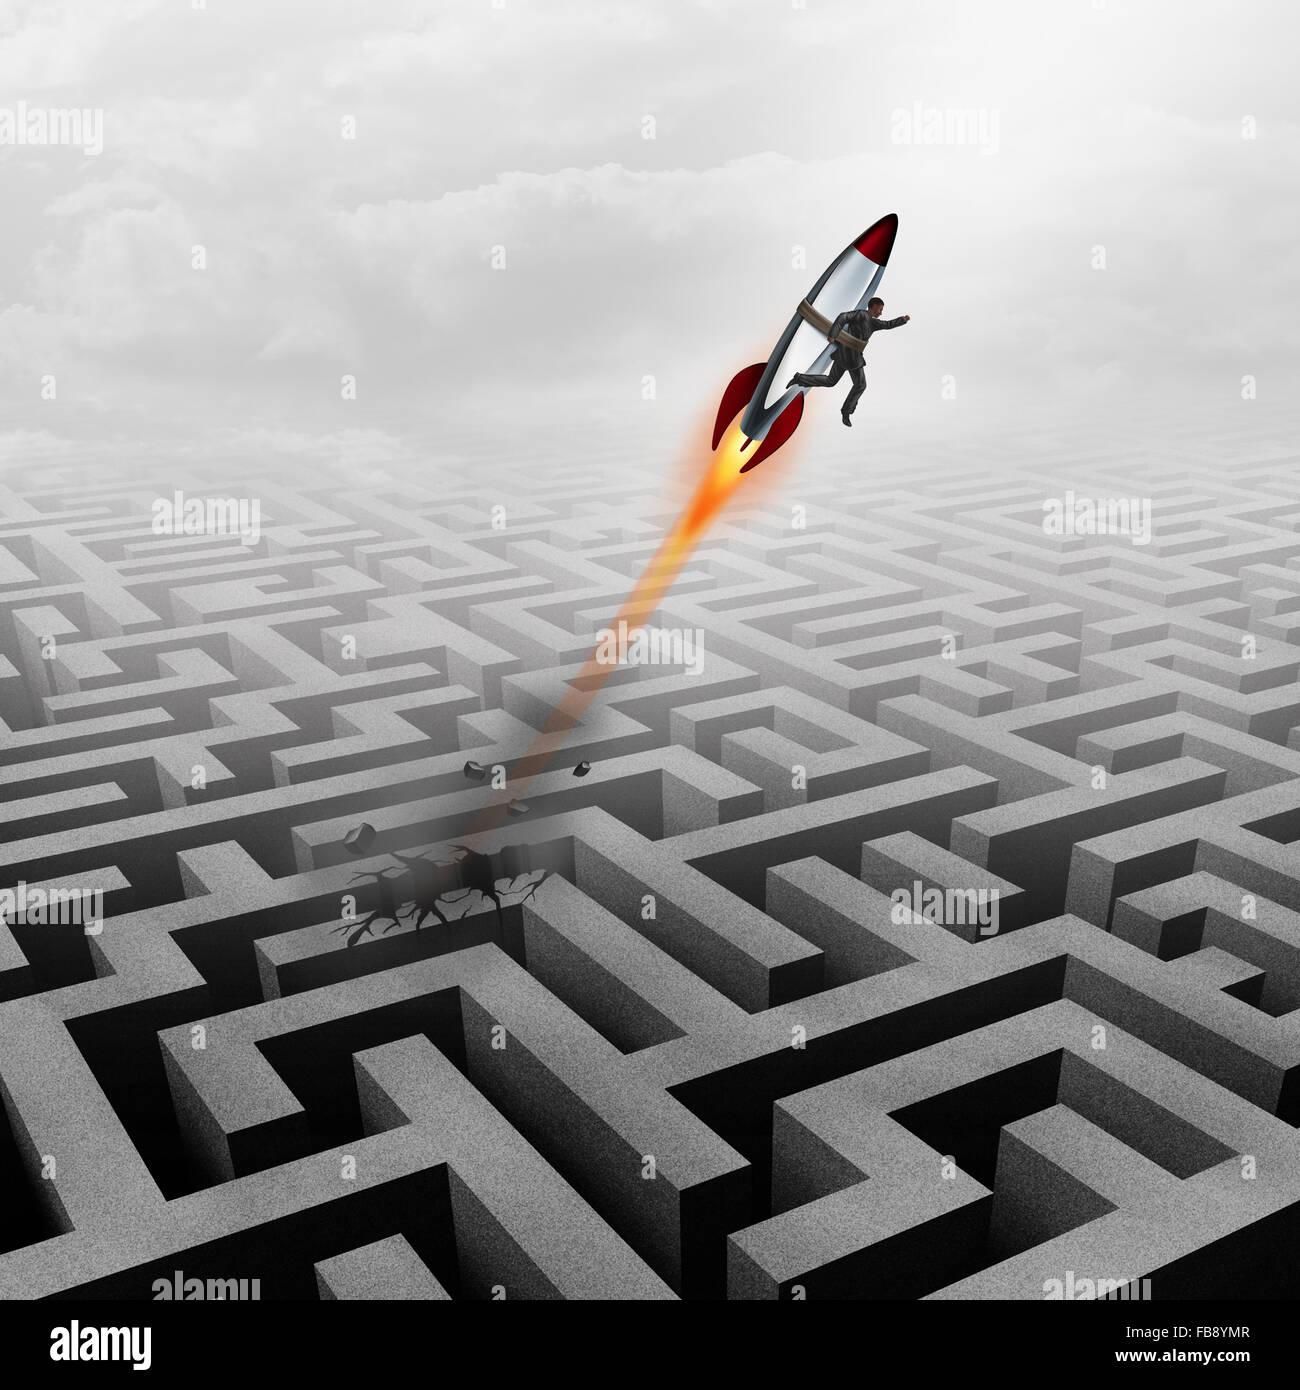 La réussite de l'entreprise concept et réussie d'affaires intelligente métaphore de la motivation Photo Stock